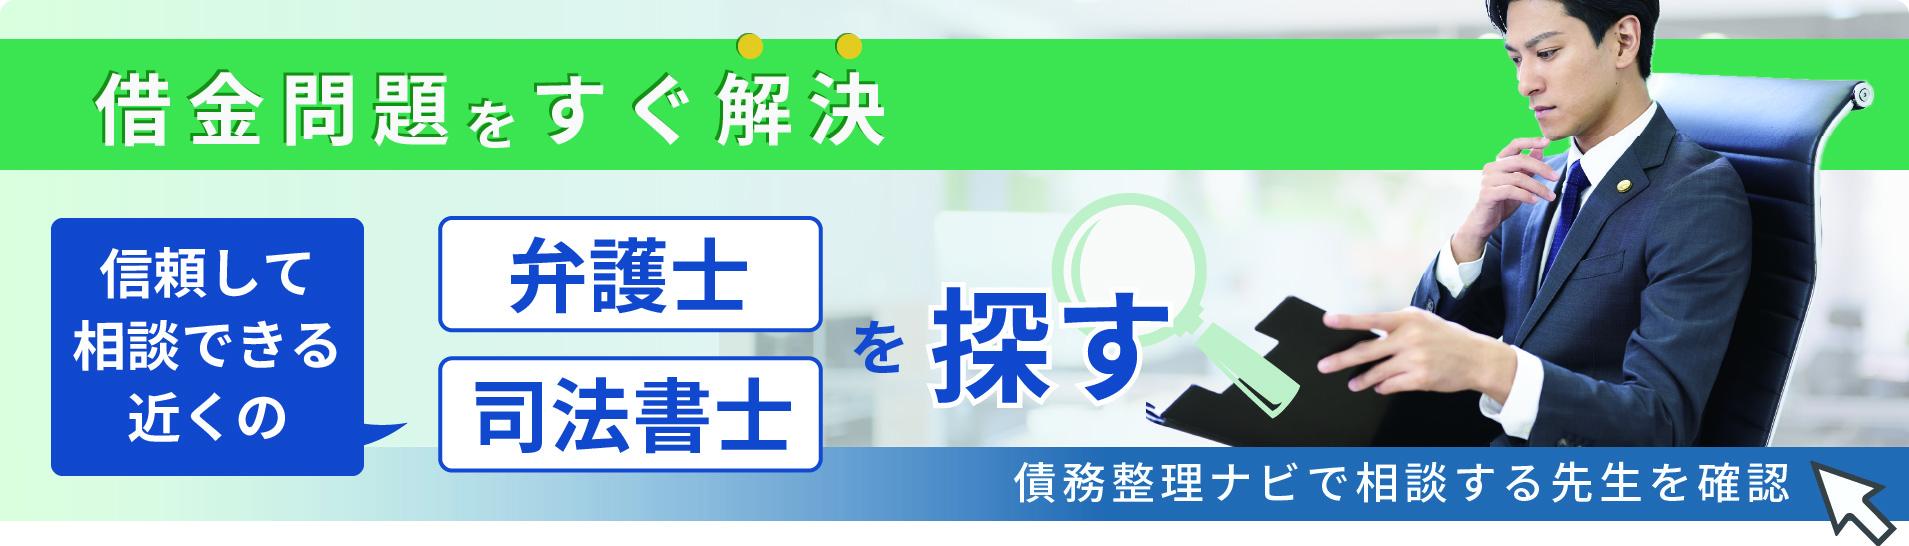 岐阜県で相談できる近くの弁護士・司法書士を探す